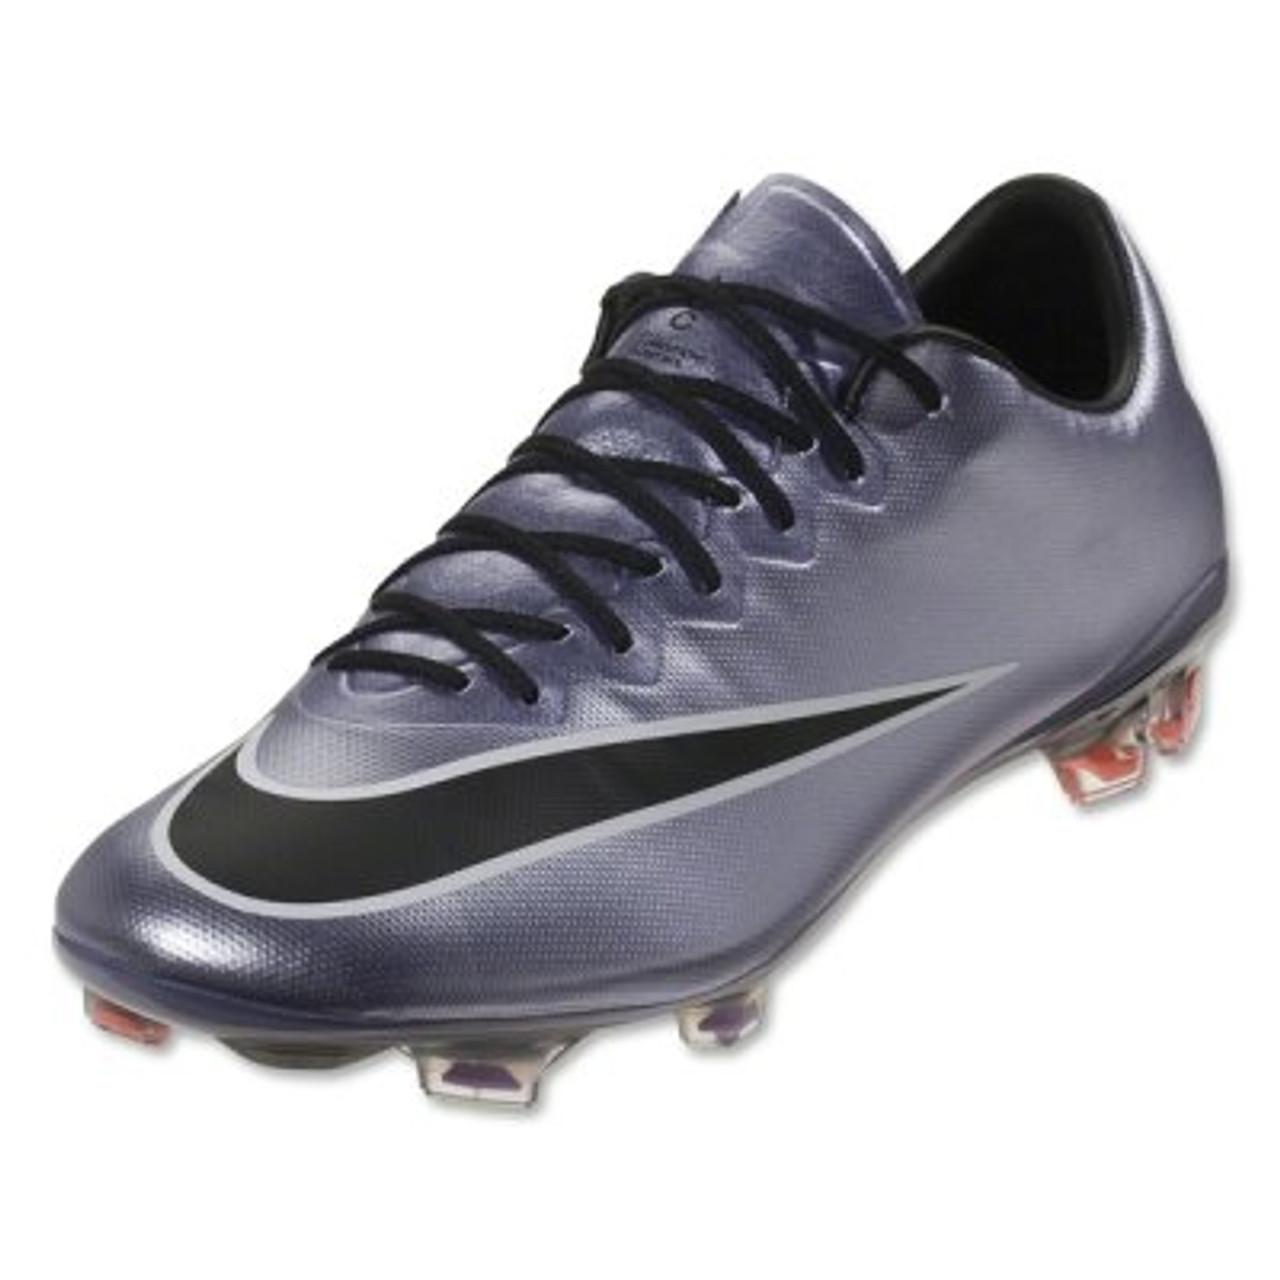 pretty nice b5e46 c2649 Nike Mercurial Vapor X FG - Urban Lilac/Black/White (122818)